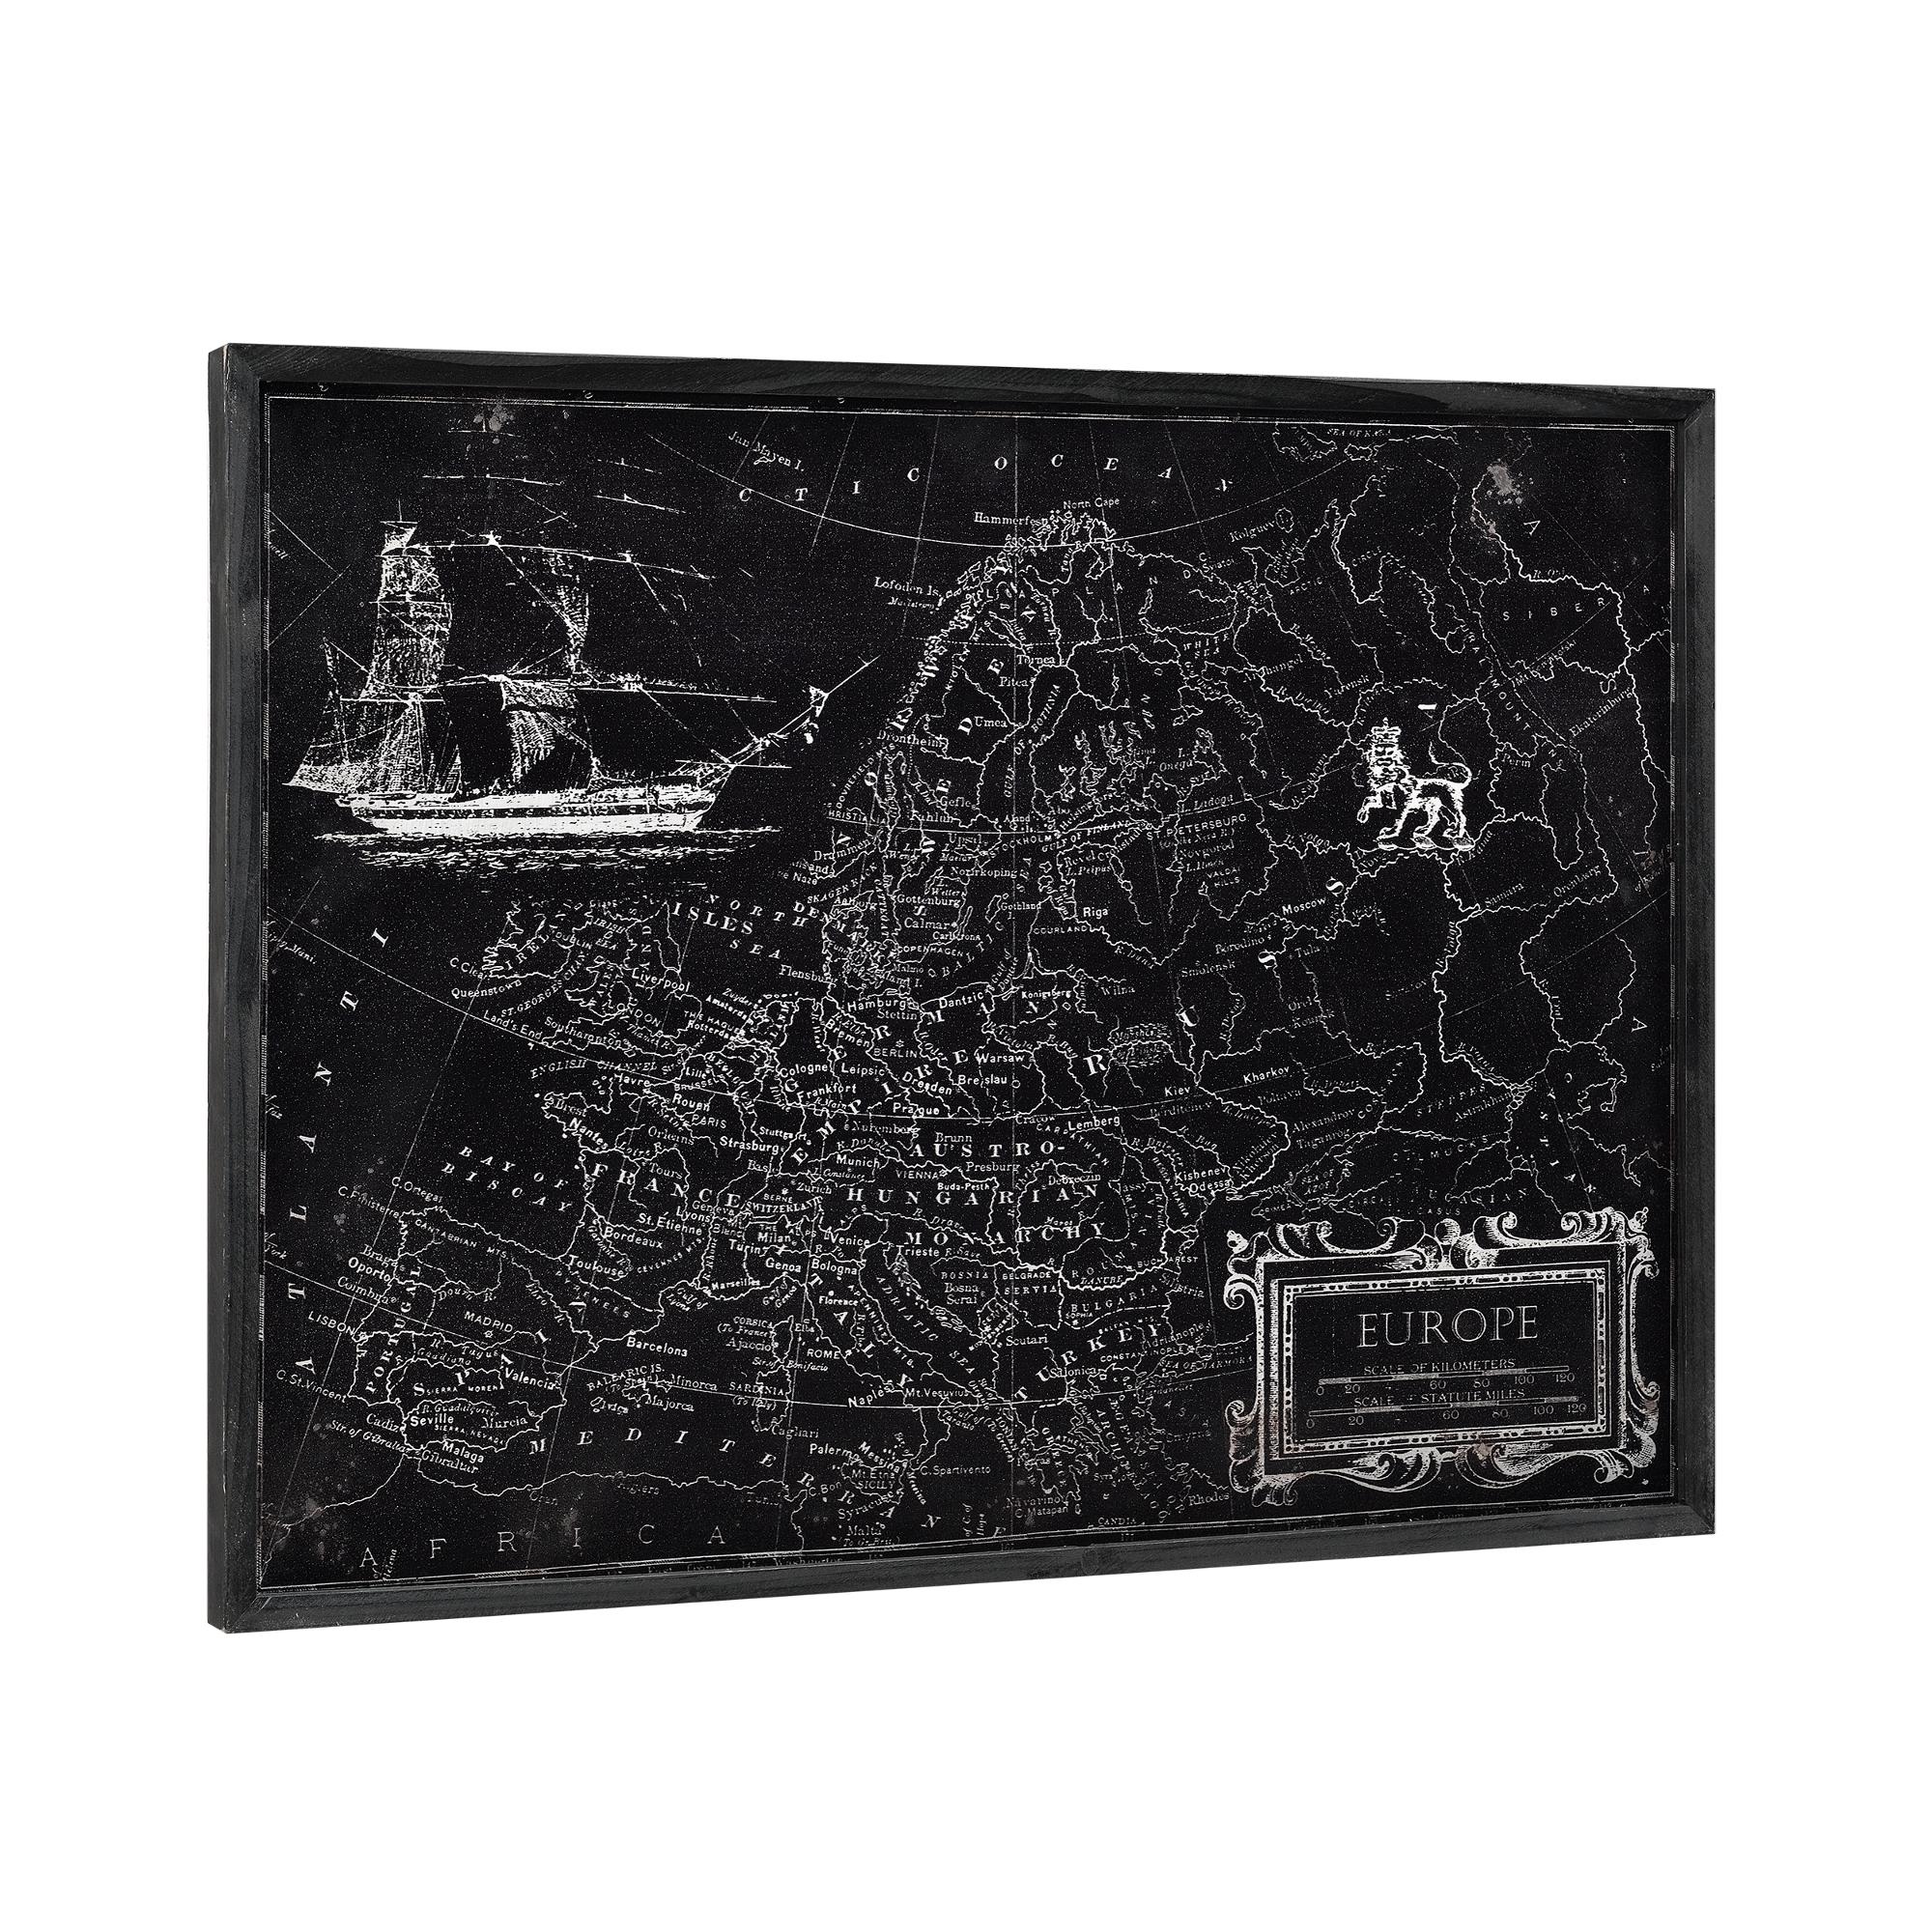 [art.work] Designový obraz na stěnu - hliníková deska - mapa Evropy - zarámovaný - 60x80x2,8 cm